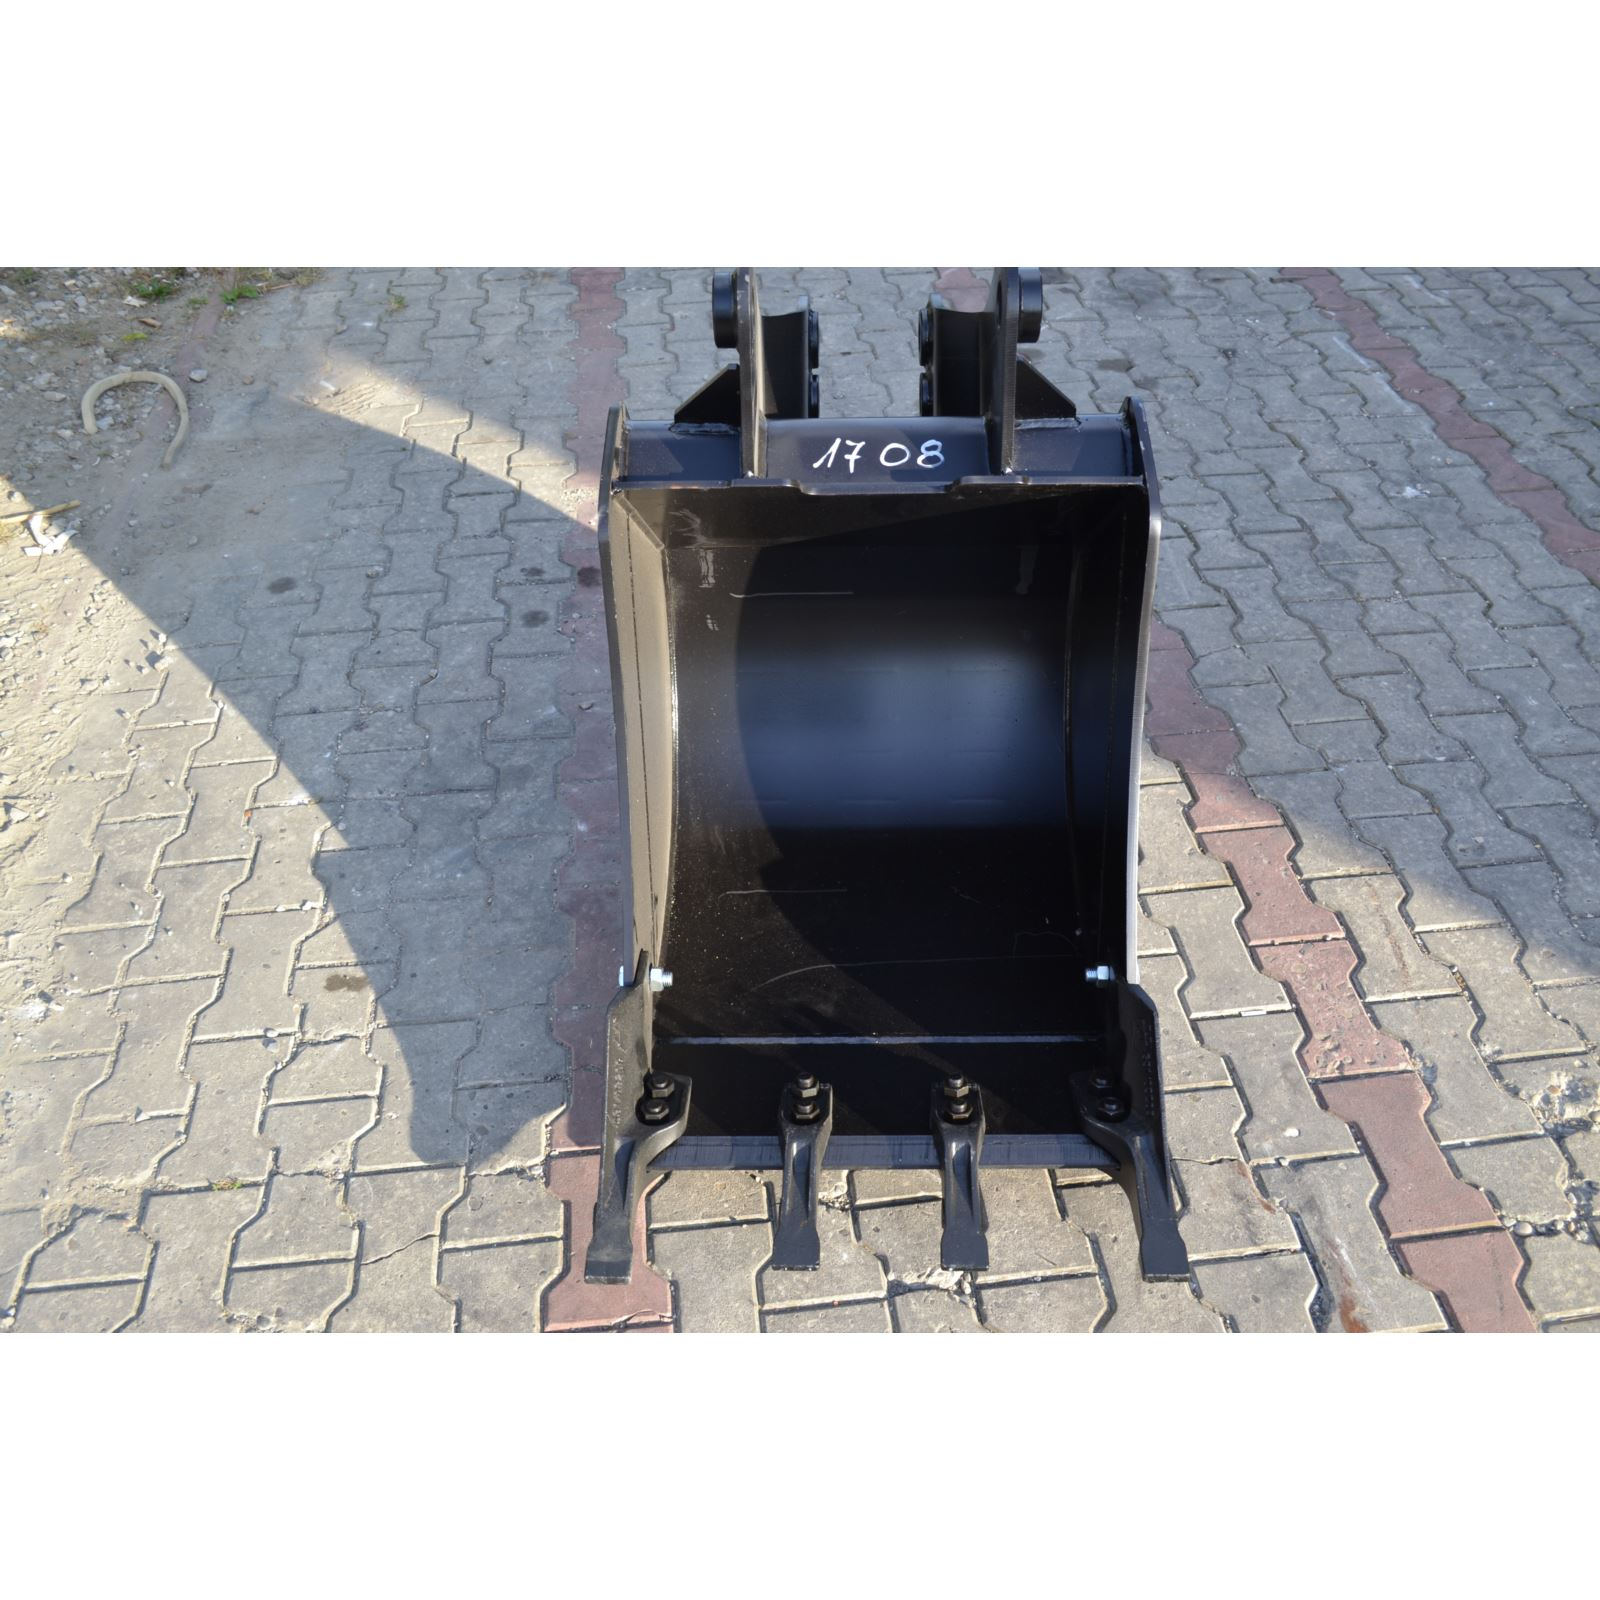 Łyżka 60cm CASE